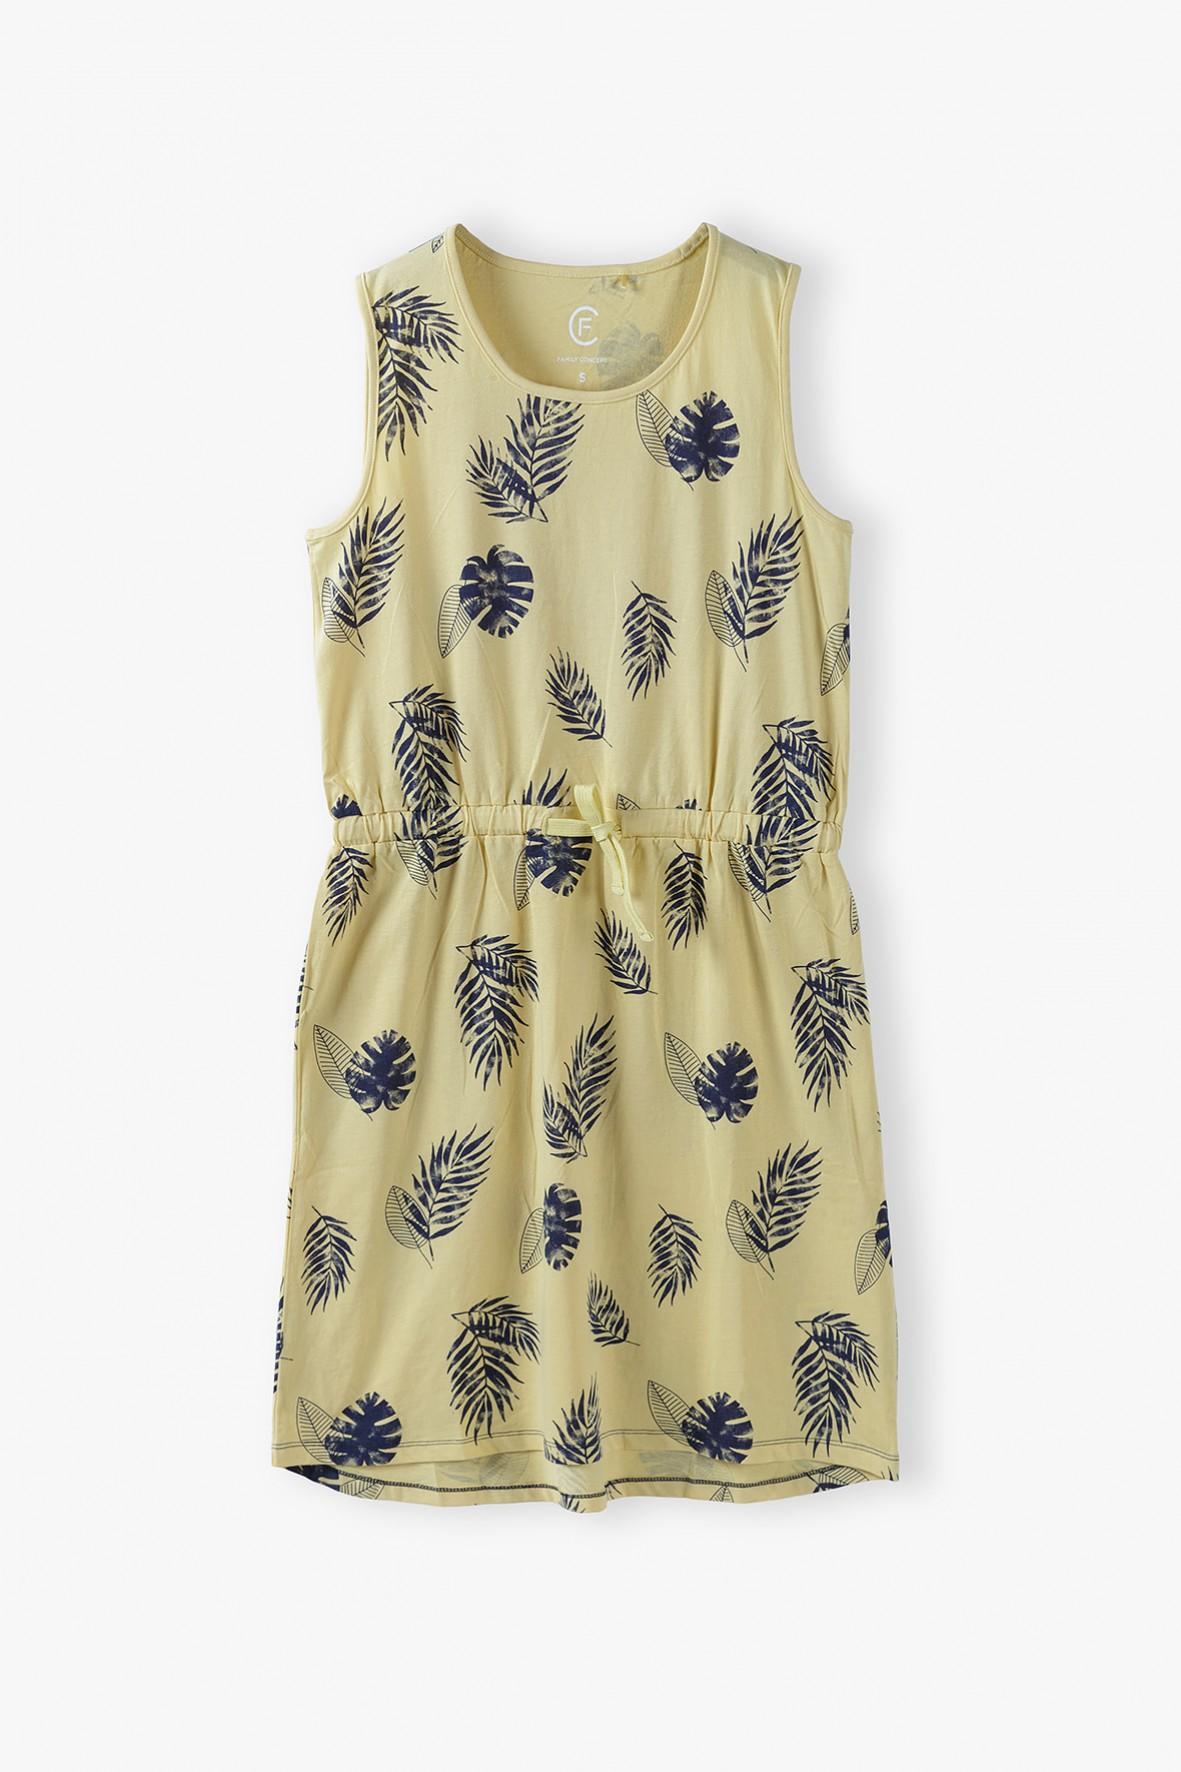 Bawełniana żółtka sukienka damska w liście- ubrania dla całej rodziny